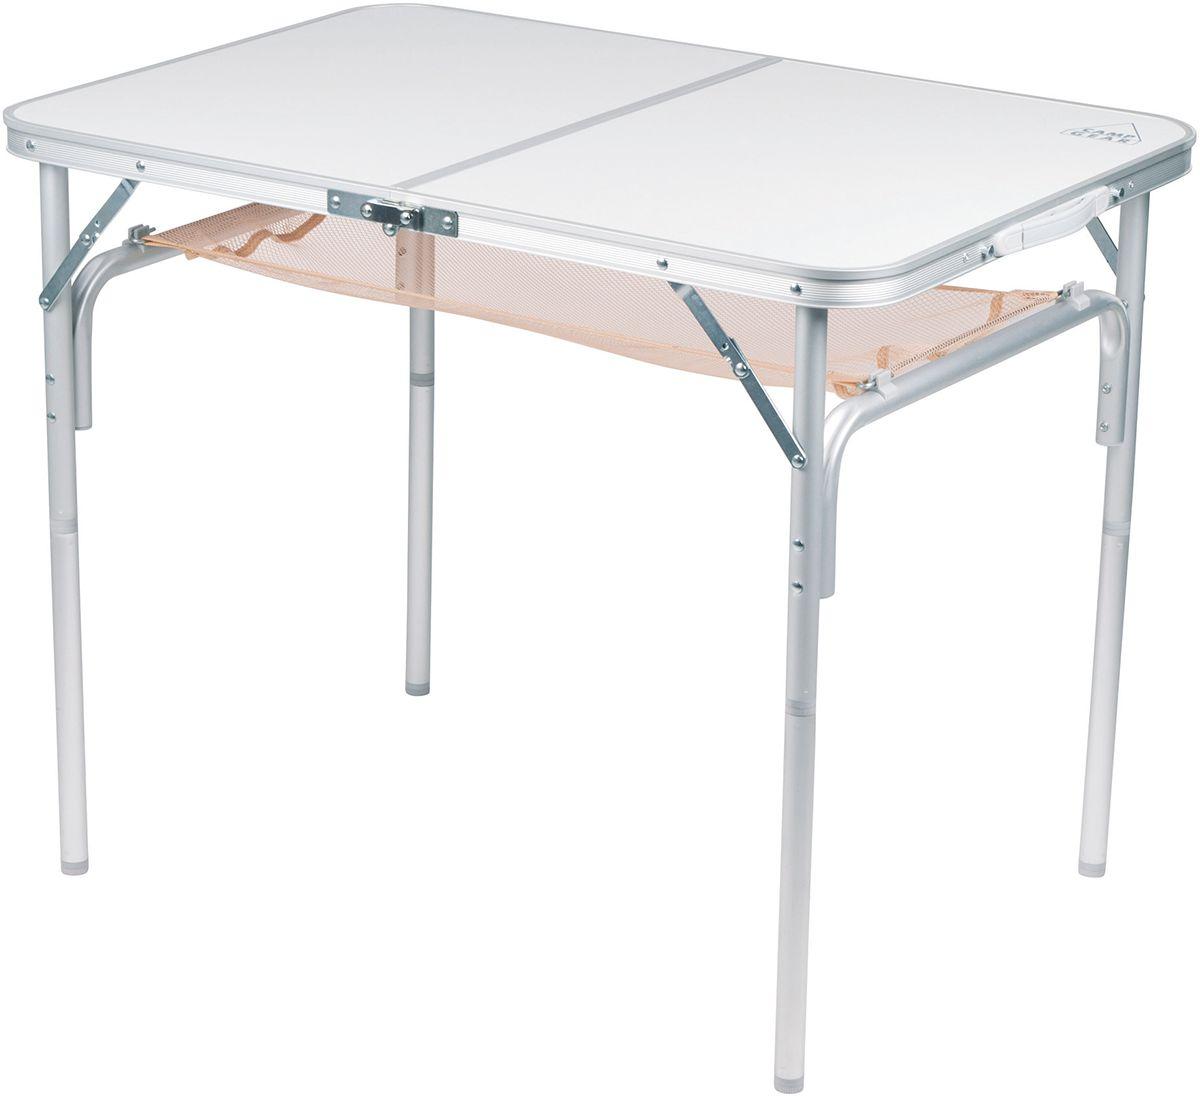 Stół składany turystyczny z siatką DUŻY 90 x 60cm